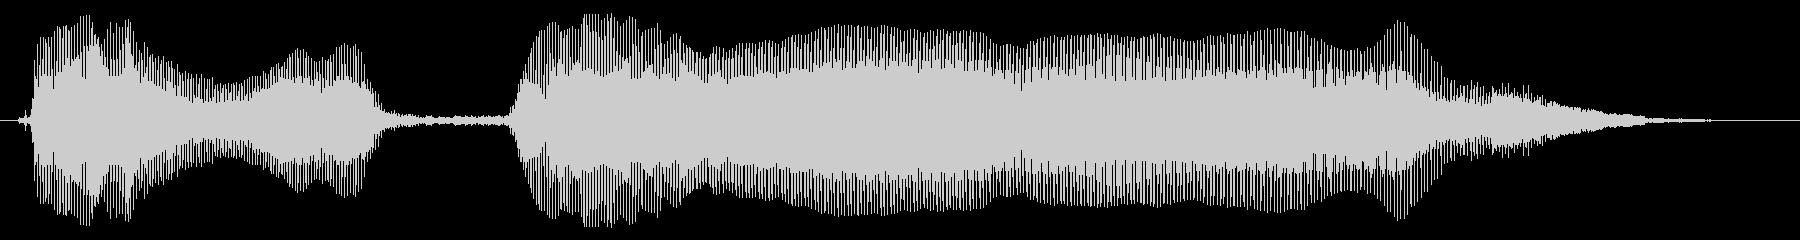 ばいばーい!の未再生の波形